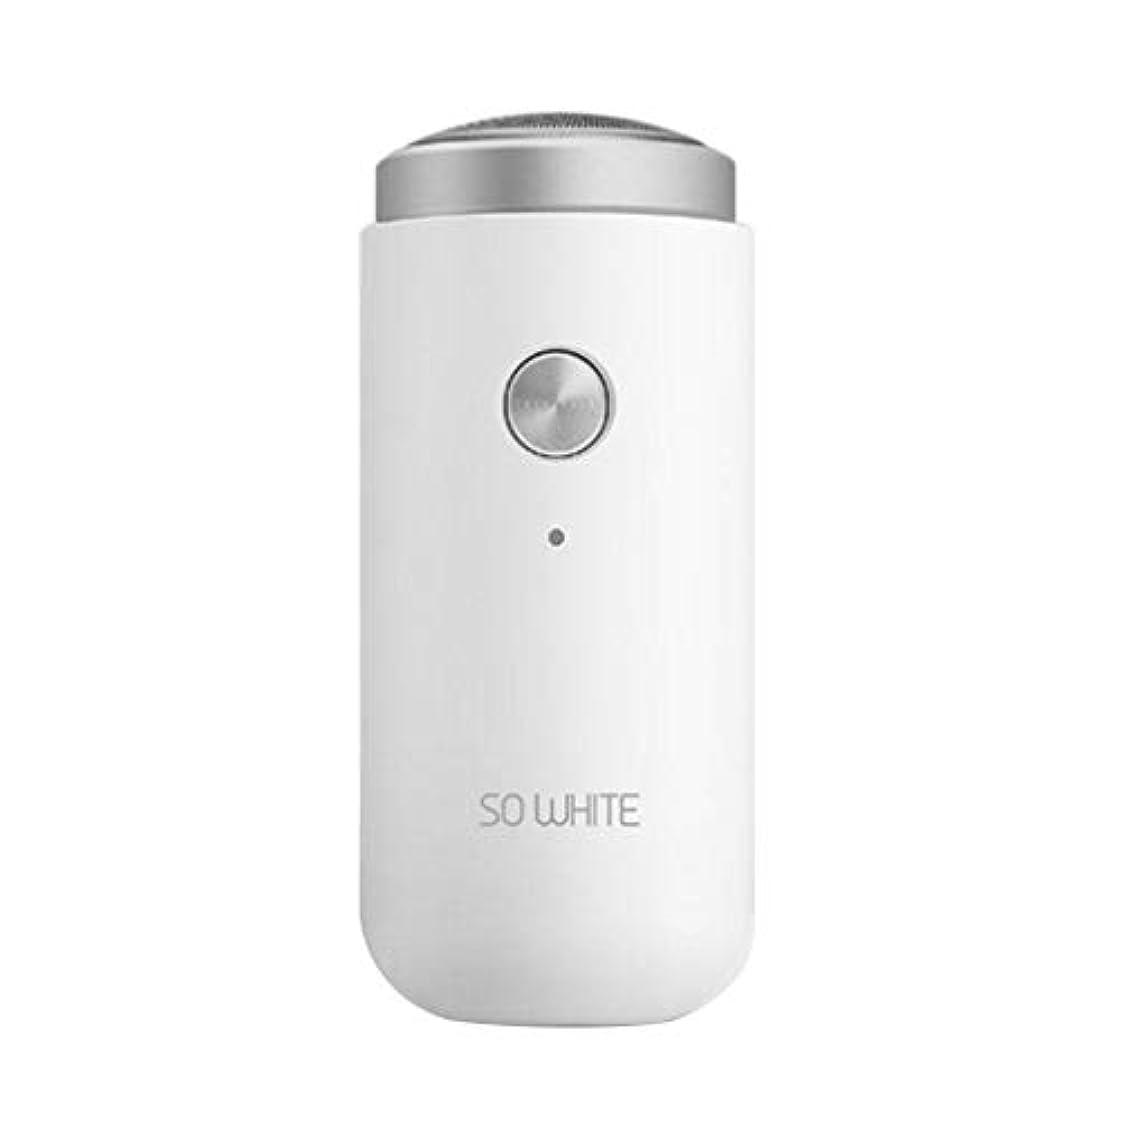 花瓶ツーリストクスクスA69Qホワイトミニポータブル電気シェーバー メンズ 防水 USB充電 ひげそり 電気カミソリ 水洗い お風呂剃り可 ウェット ドライに適用 (ホワイト)